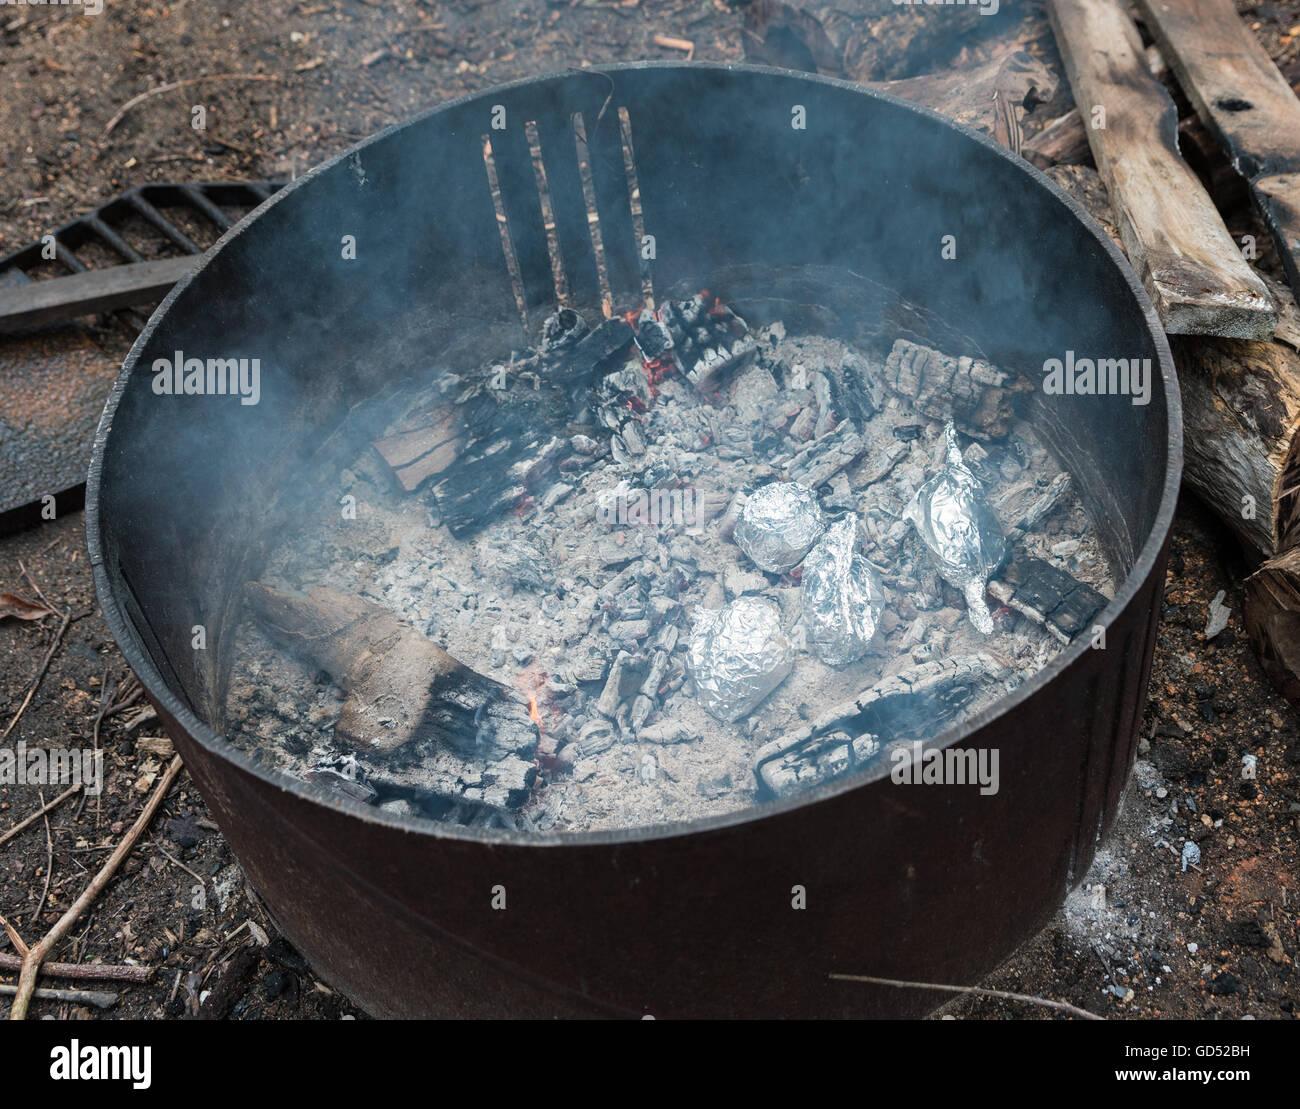 Kartoffeln in Folie Kochen auf heißen Kohlen im Feuer gewickelt Stockfoto